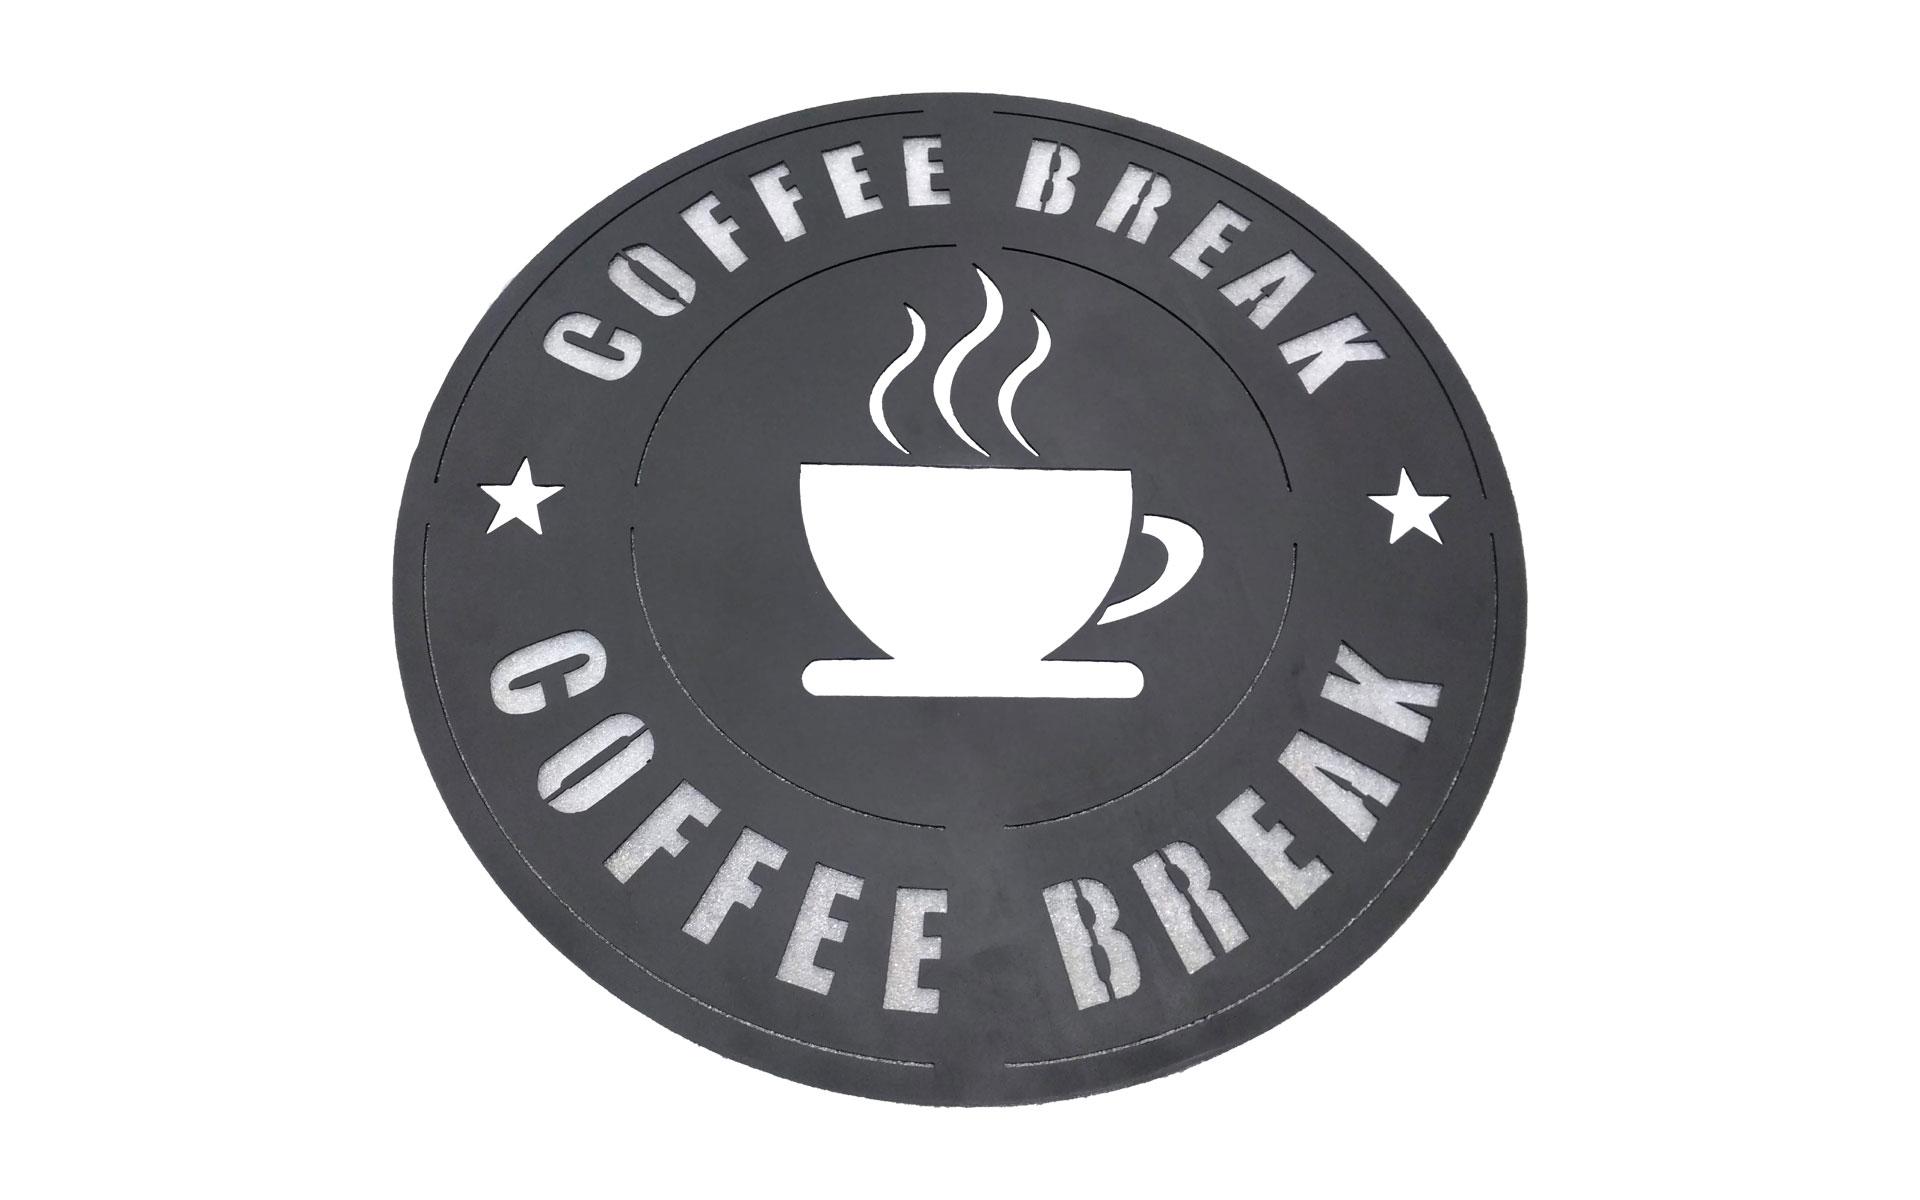 Coffee-Break-MetalArt.jpg